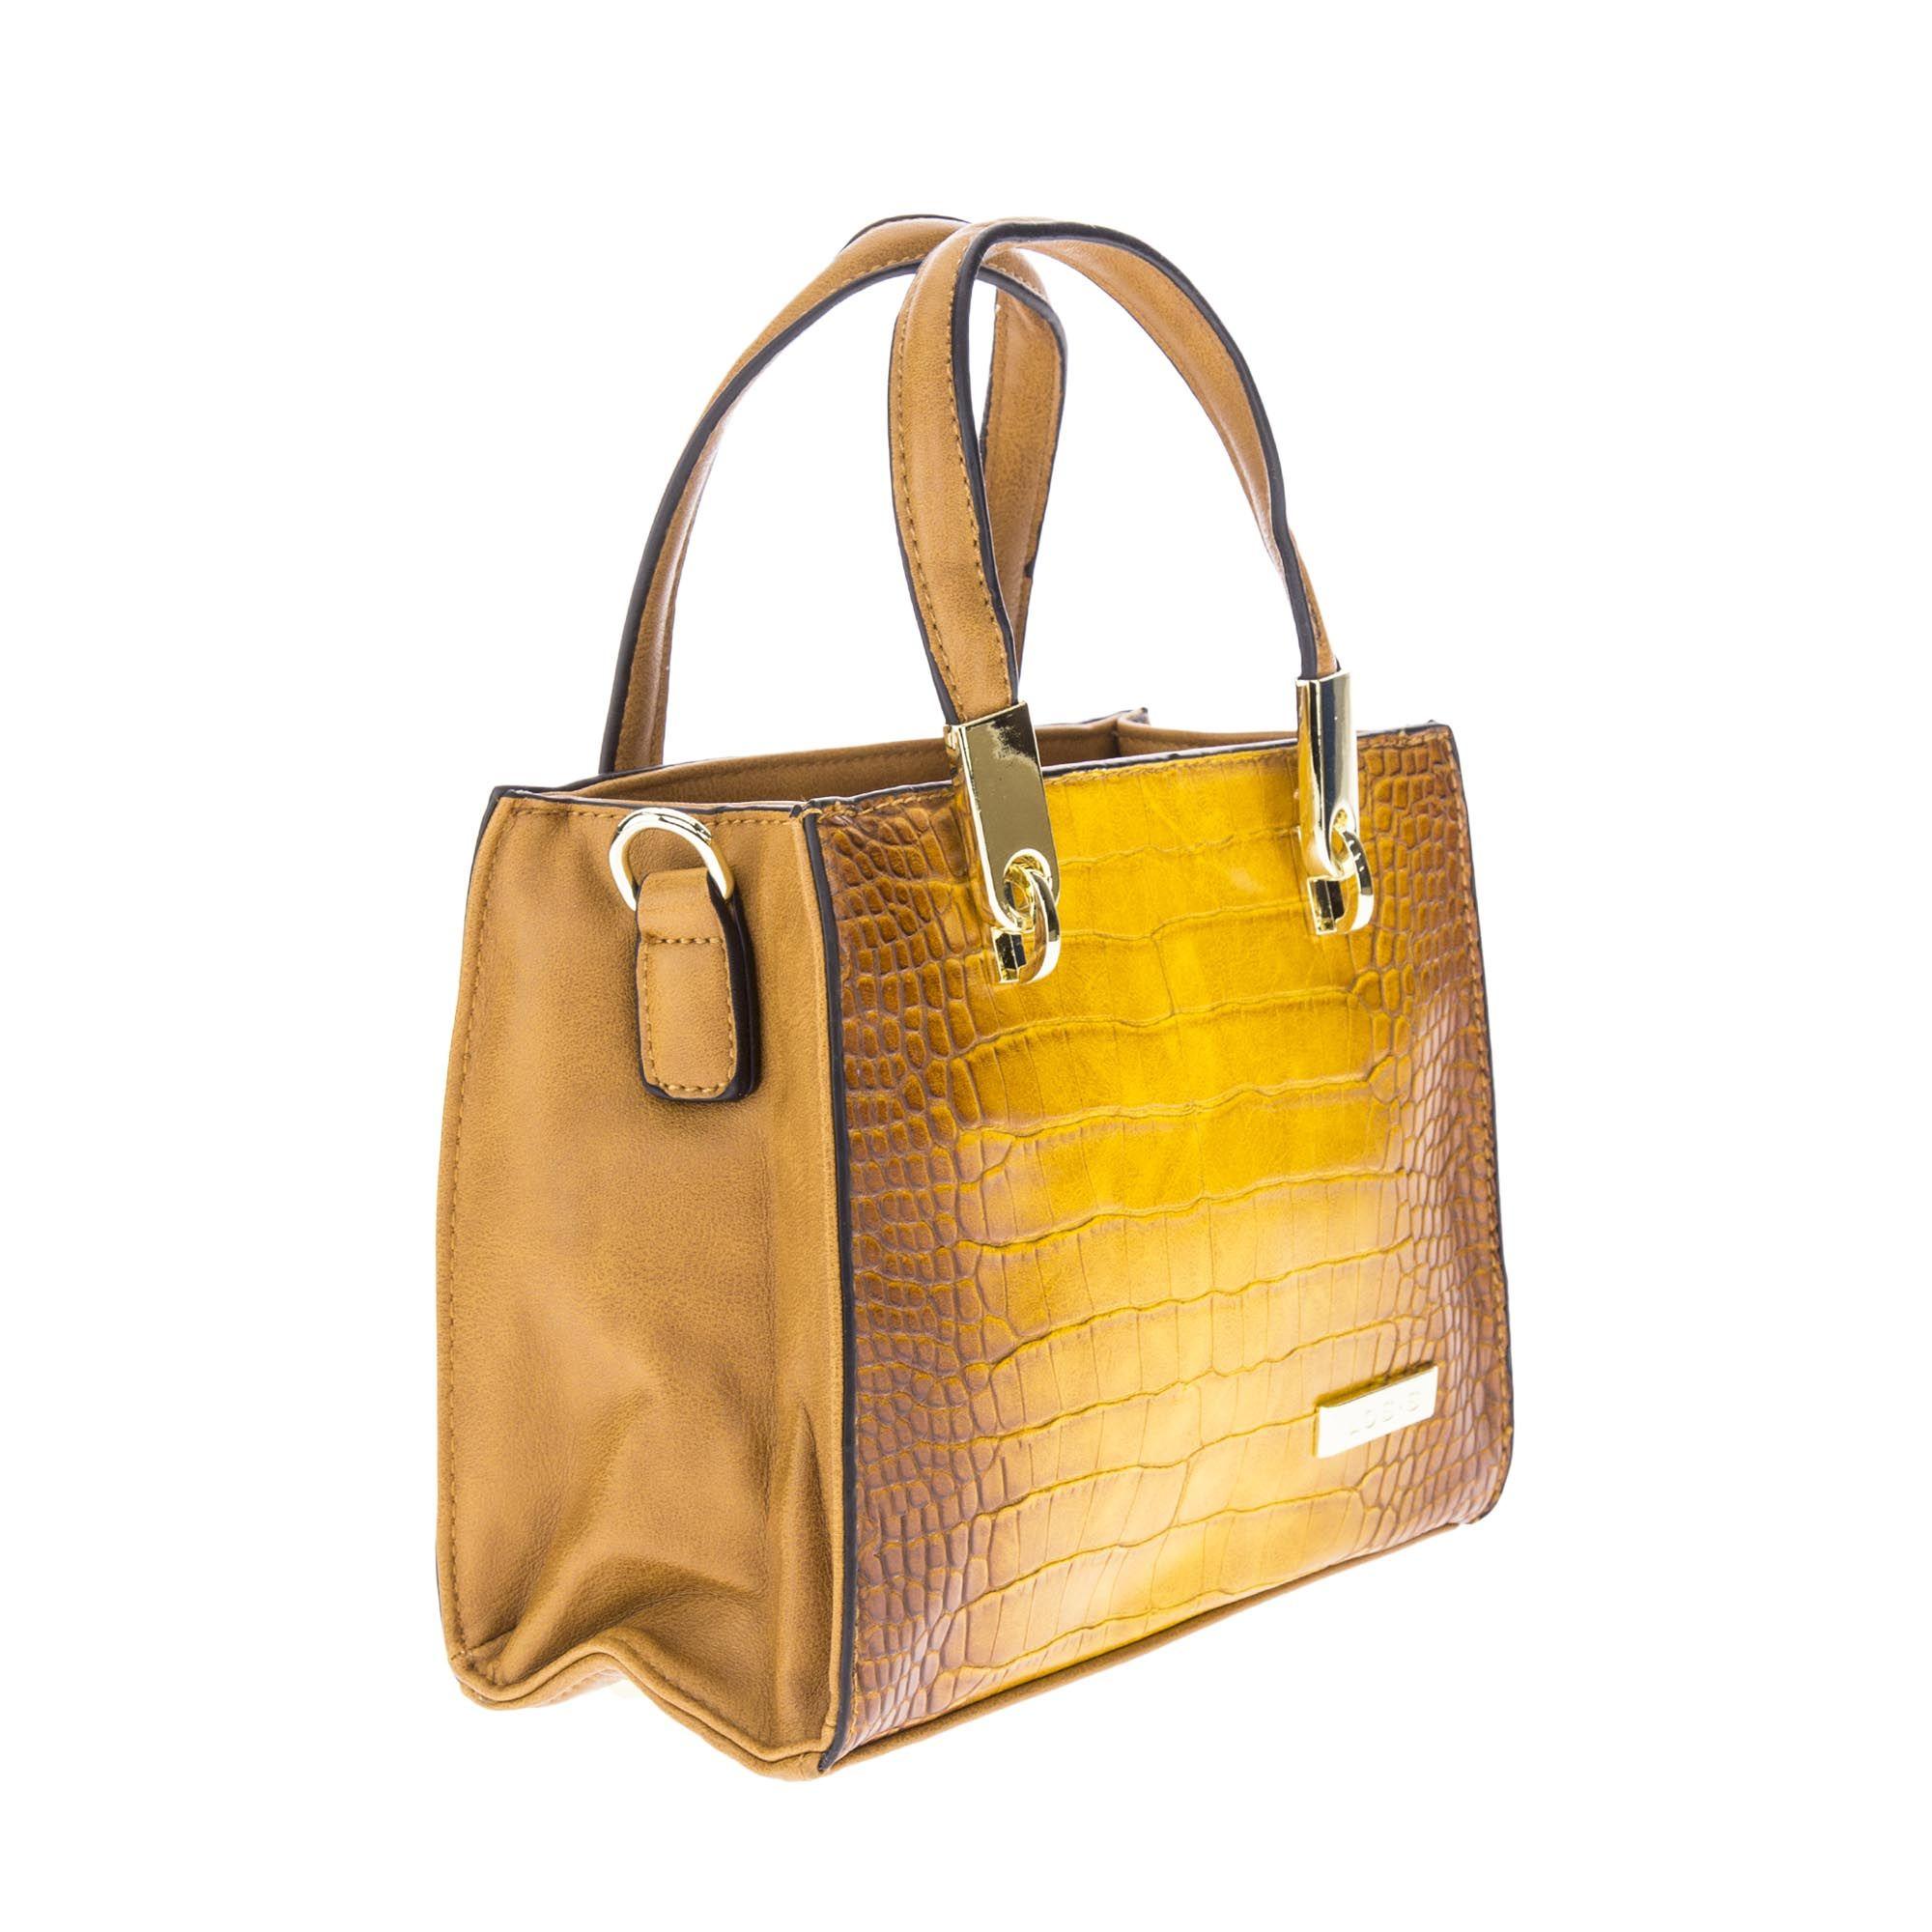 Bolsa de Mão Mini Bag Amarela Dourado com Alça Removível  - Prime Bolsas